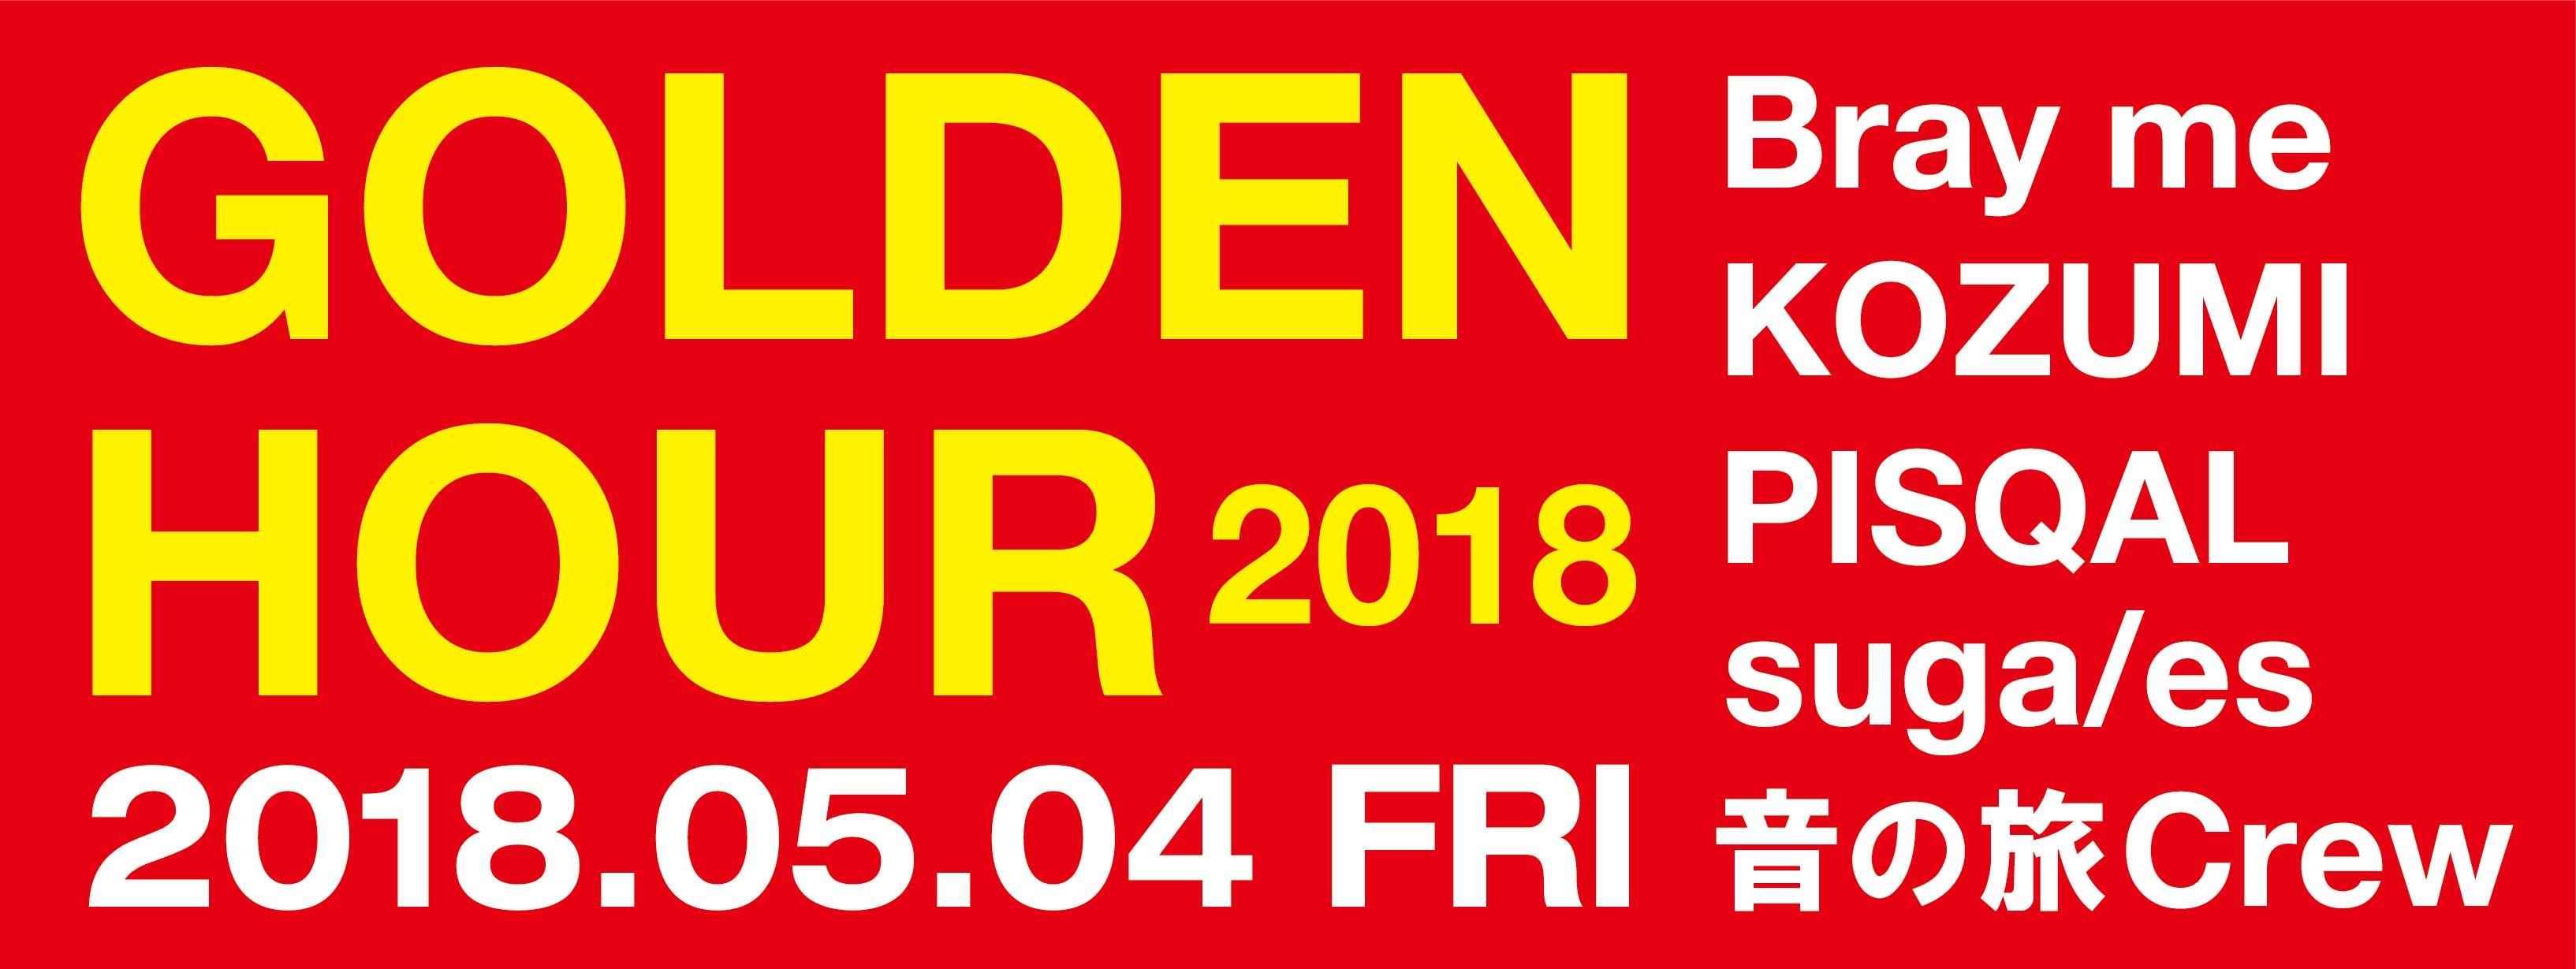 GOLDEN HOUR 2018